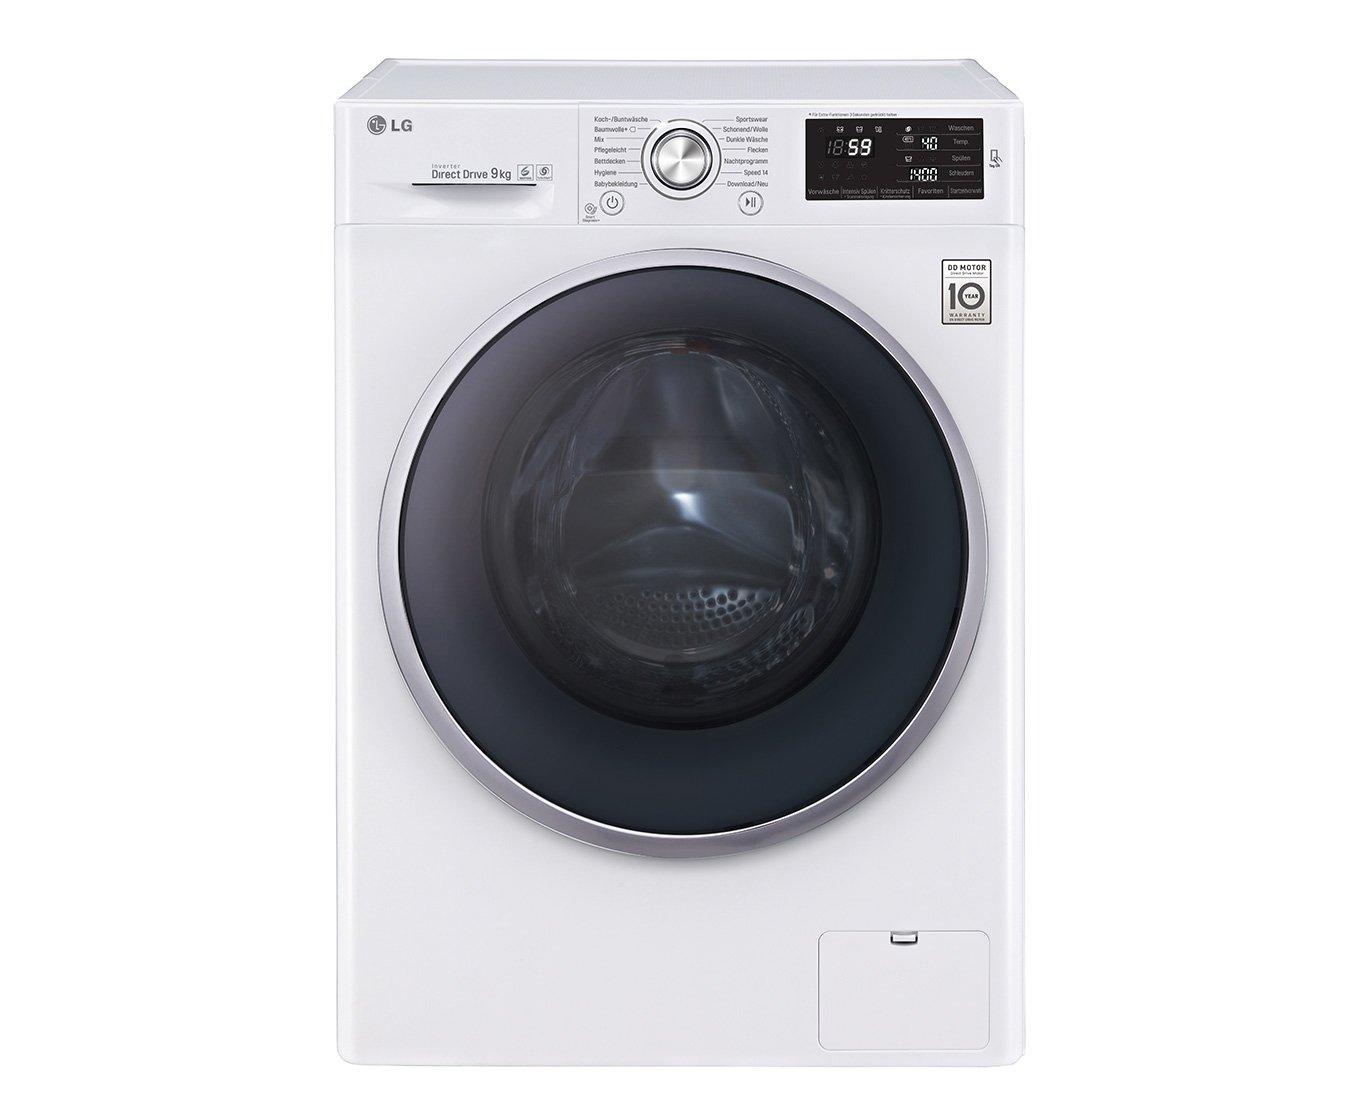 LG-Electronics-F-14U2-VDN1H-Waschmaschine-FL-A-152-kWhJahr-1400-UpM-9-Kg-9500-literjahr-14-vorprogrammierte-Programme-Smart-Diagnosis-wei